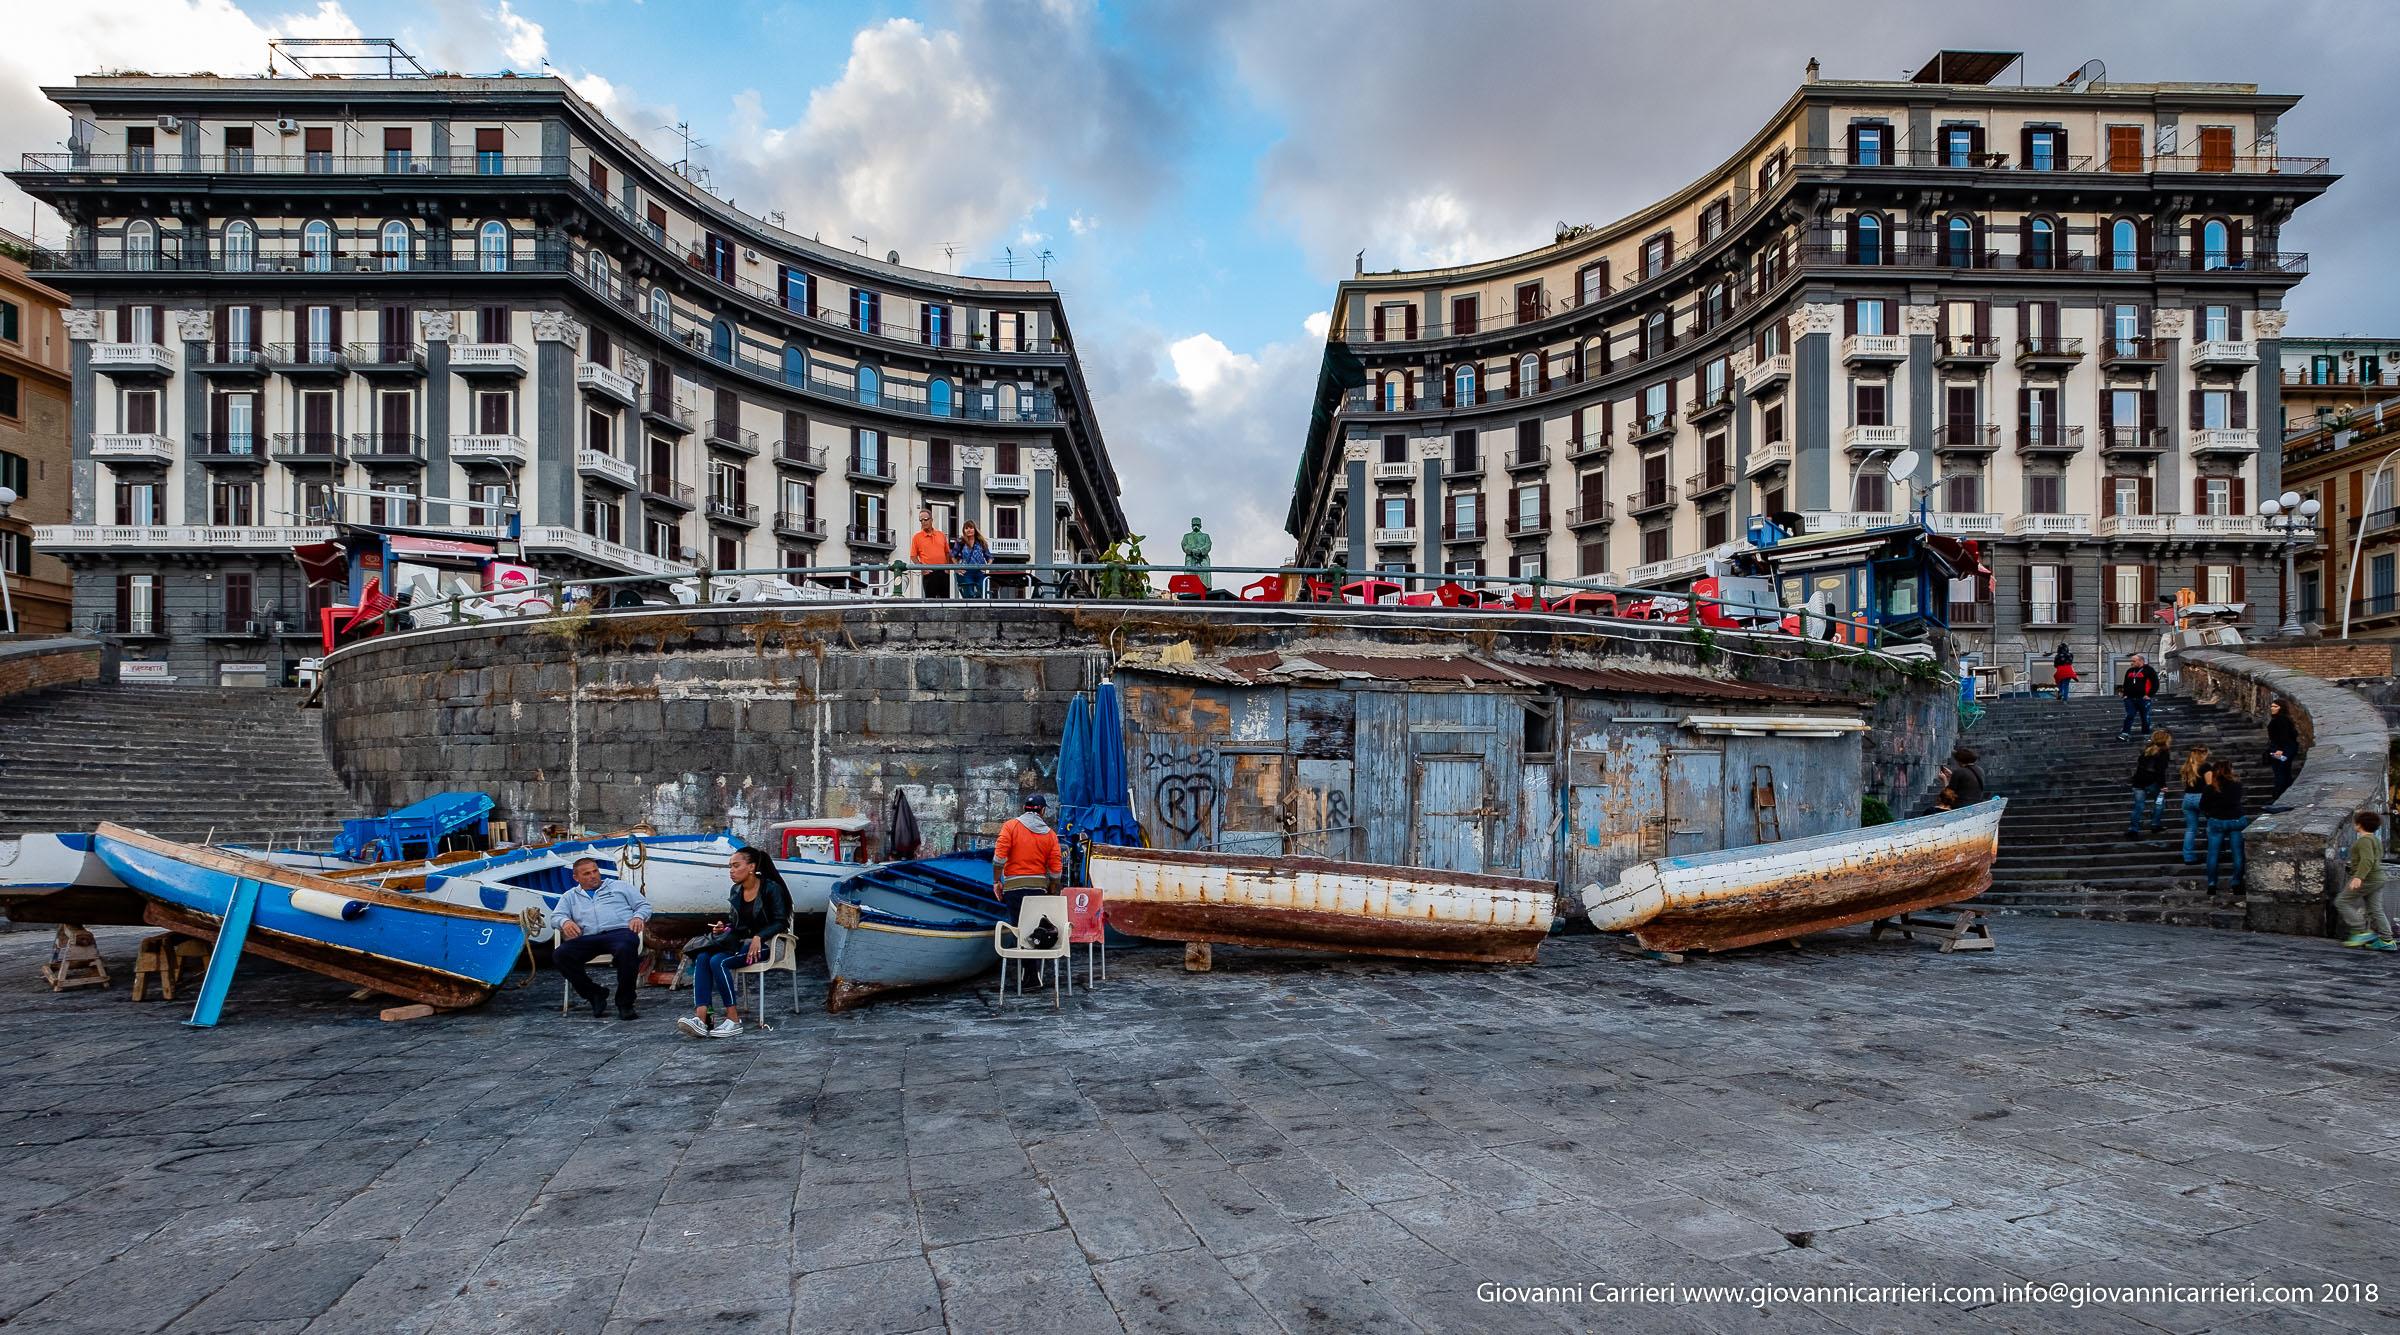 La rotonda di via Nazario Sauro, Napoli